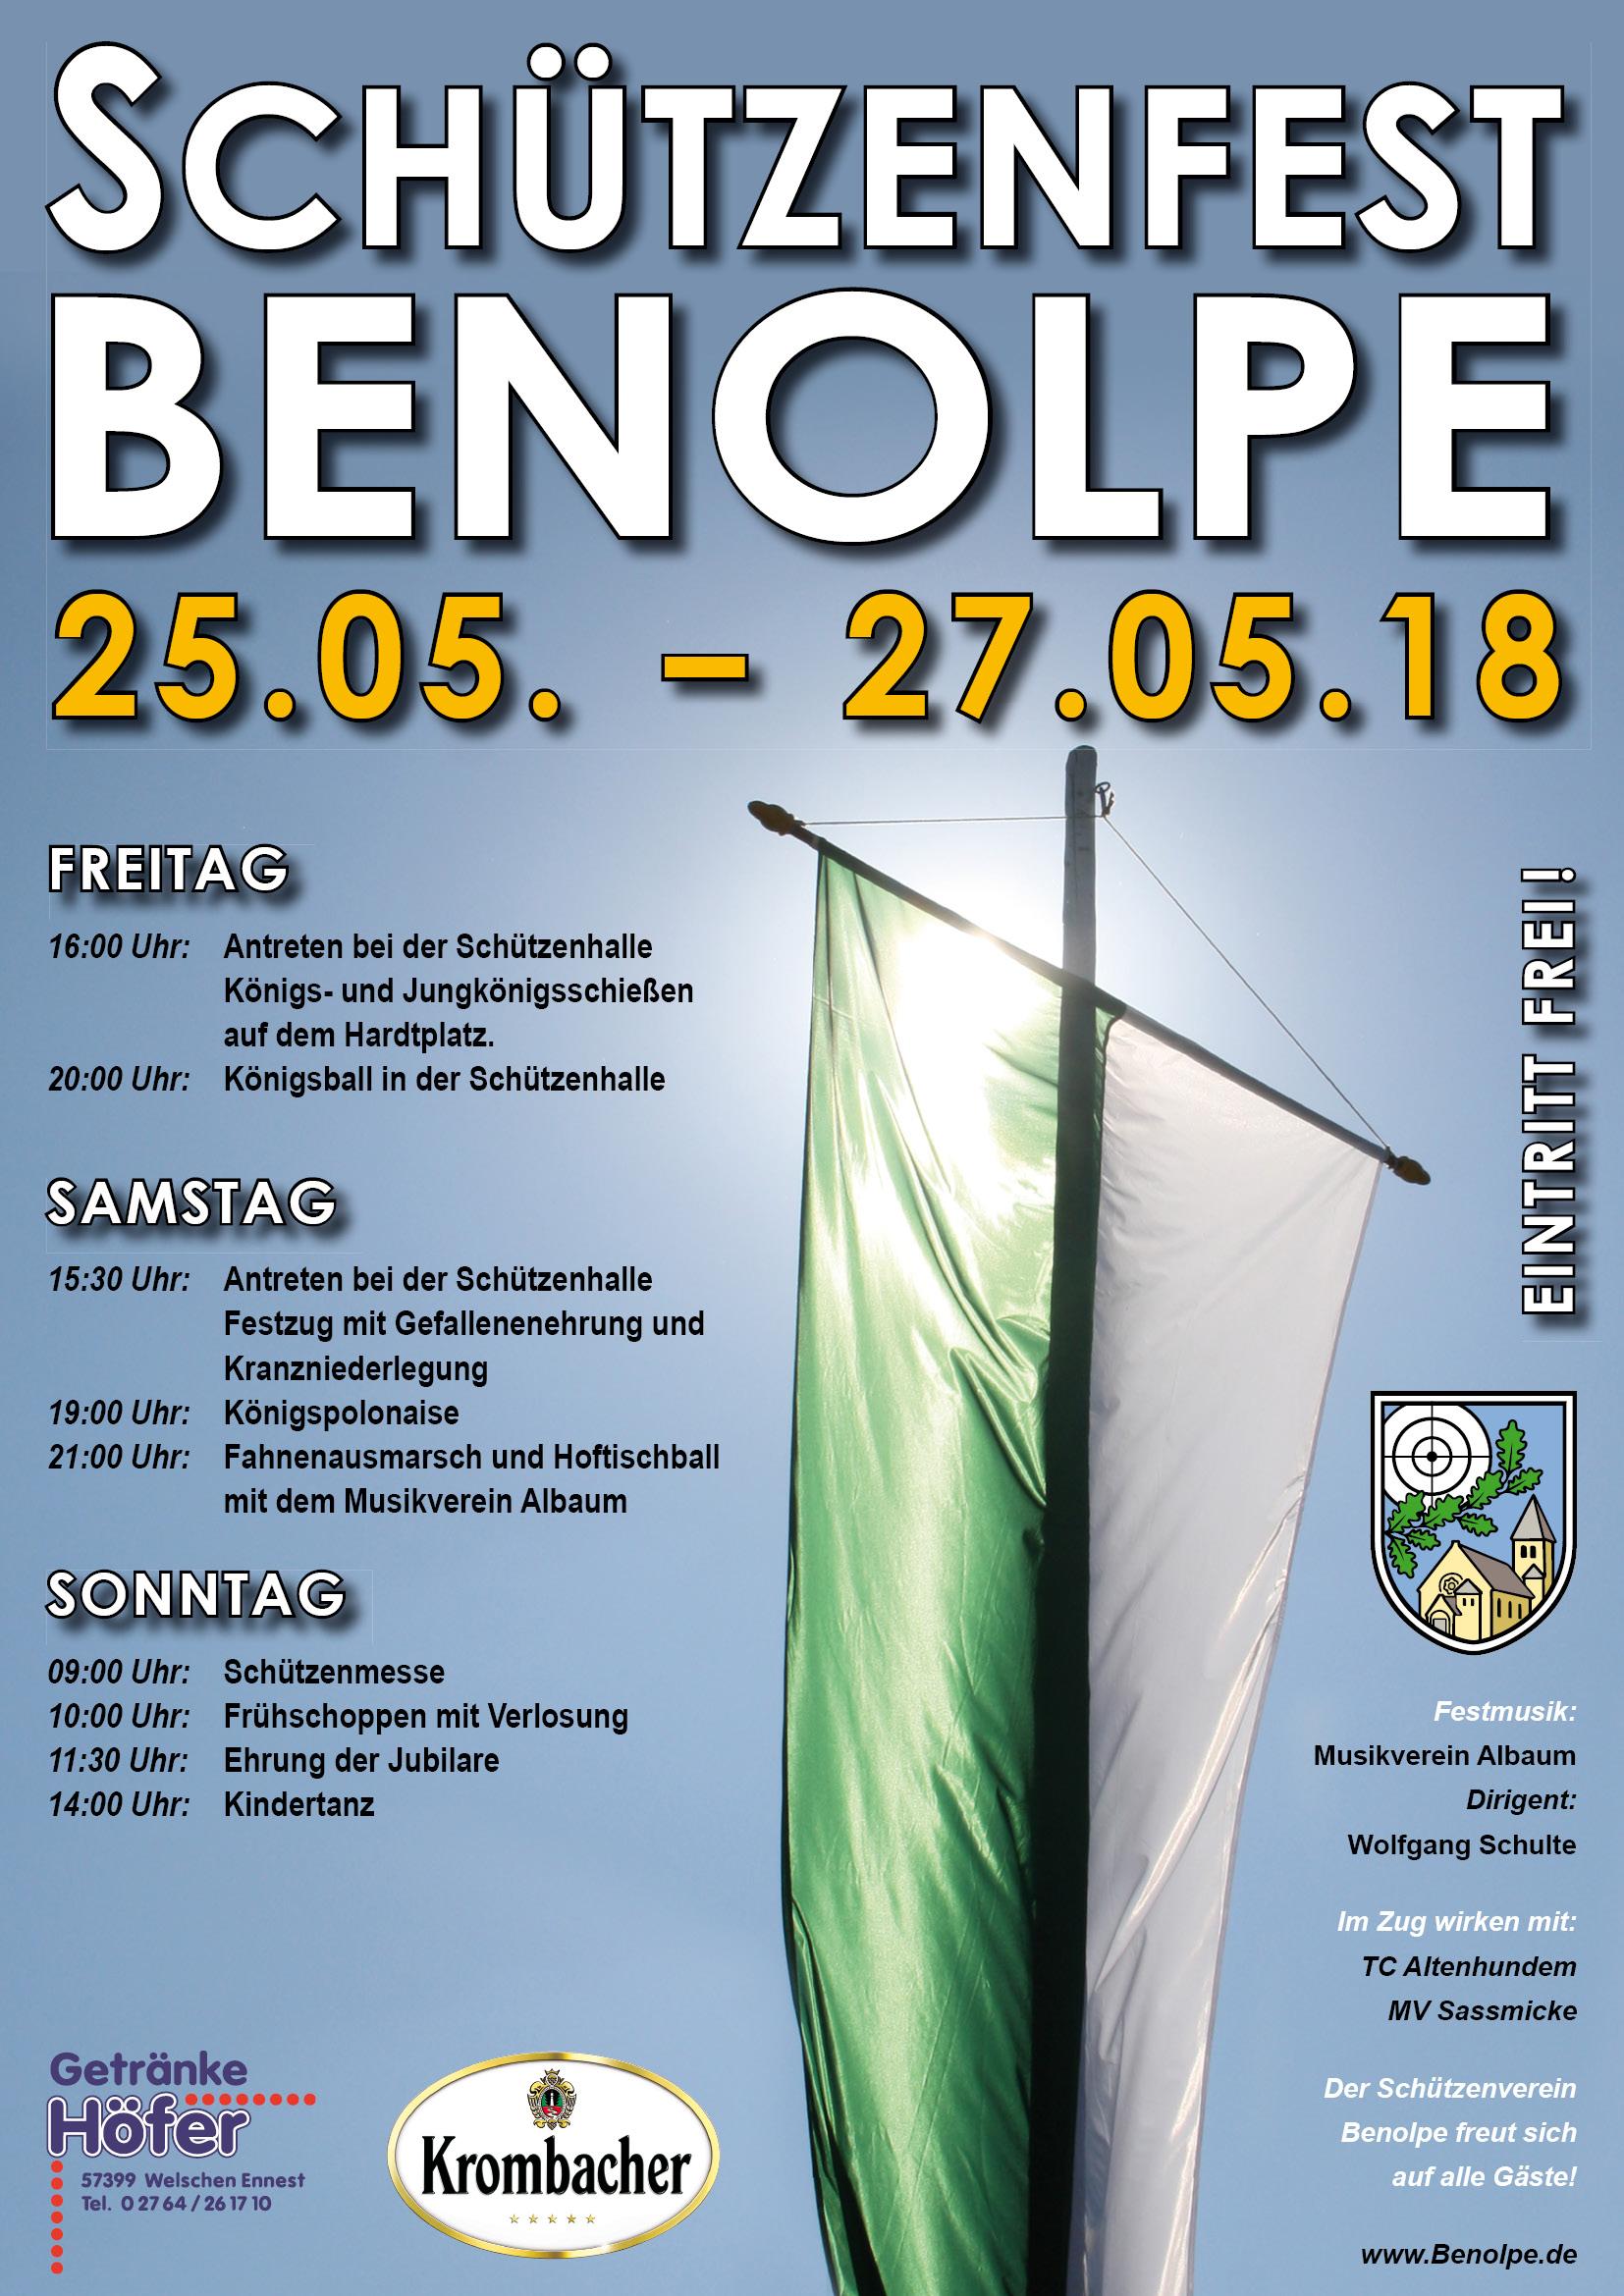 Schützenfest Benolpe 2018